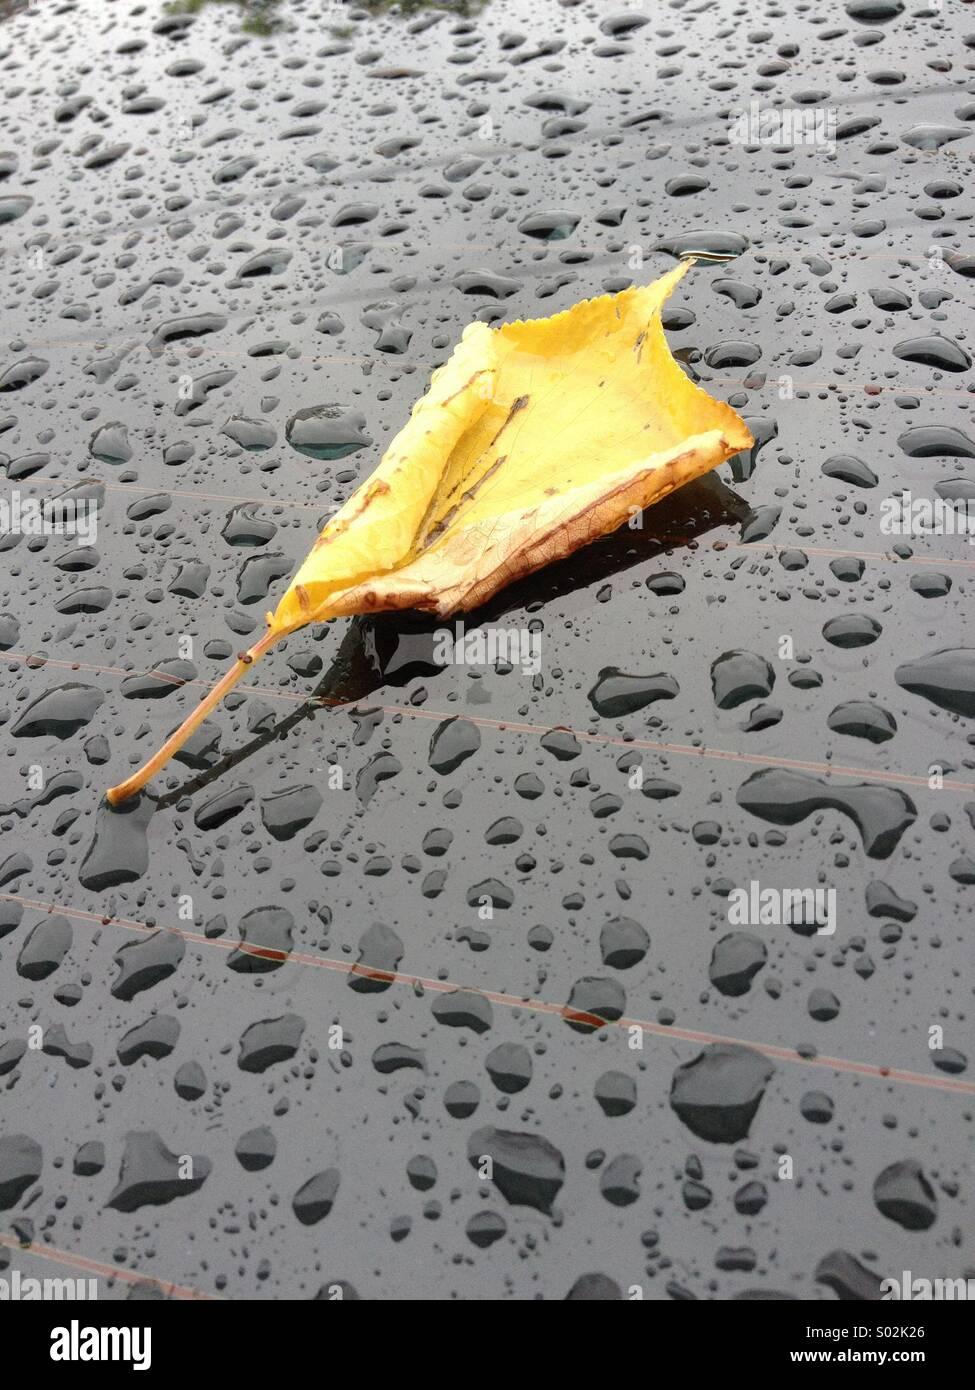 Hoja húmeda Imagen De Stock